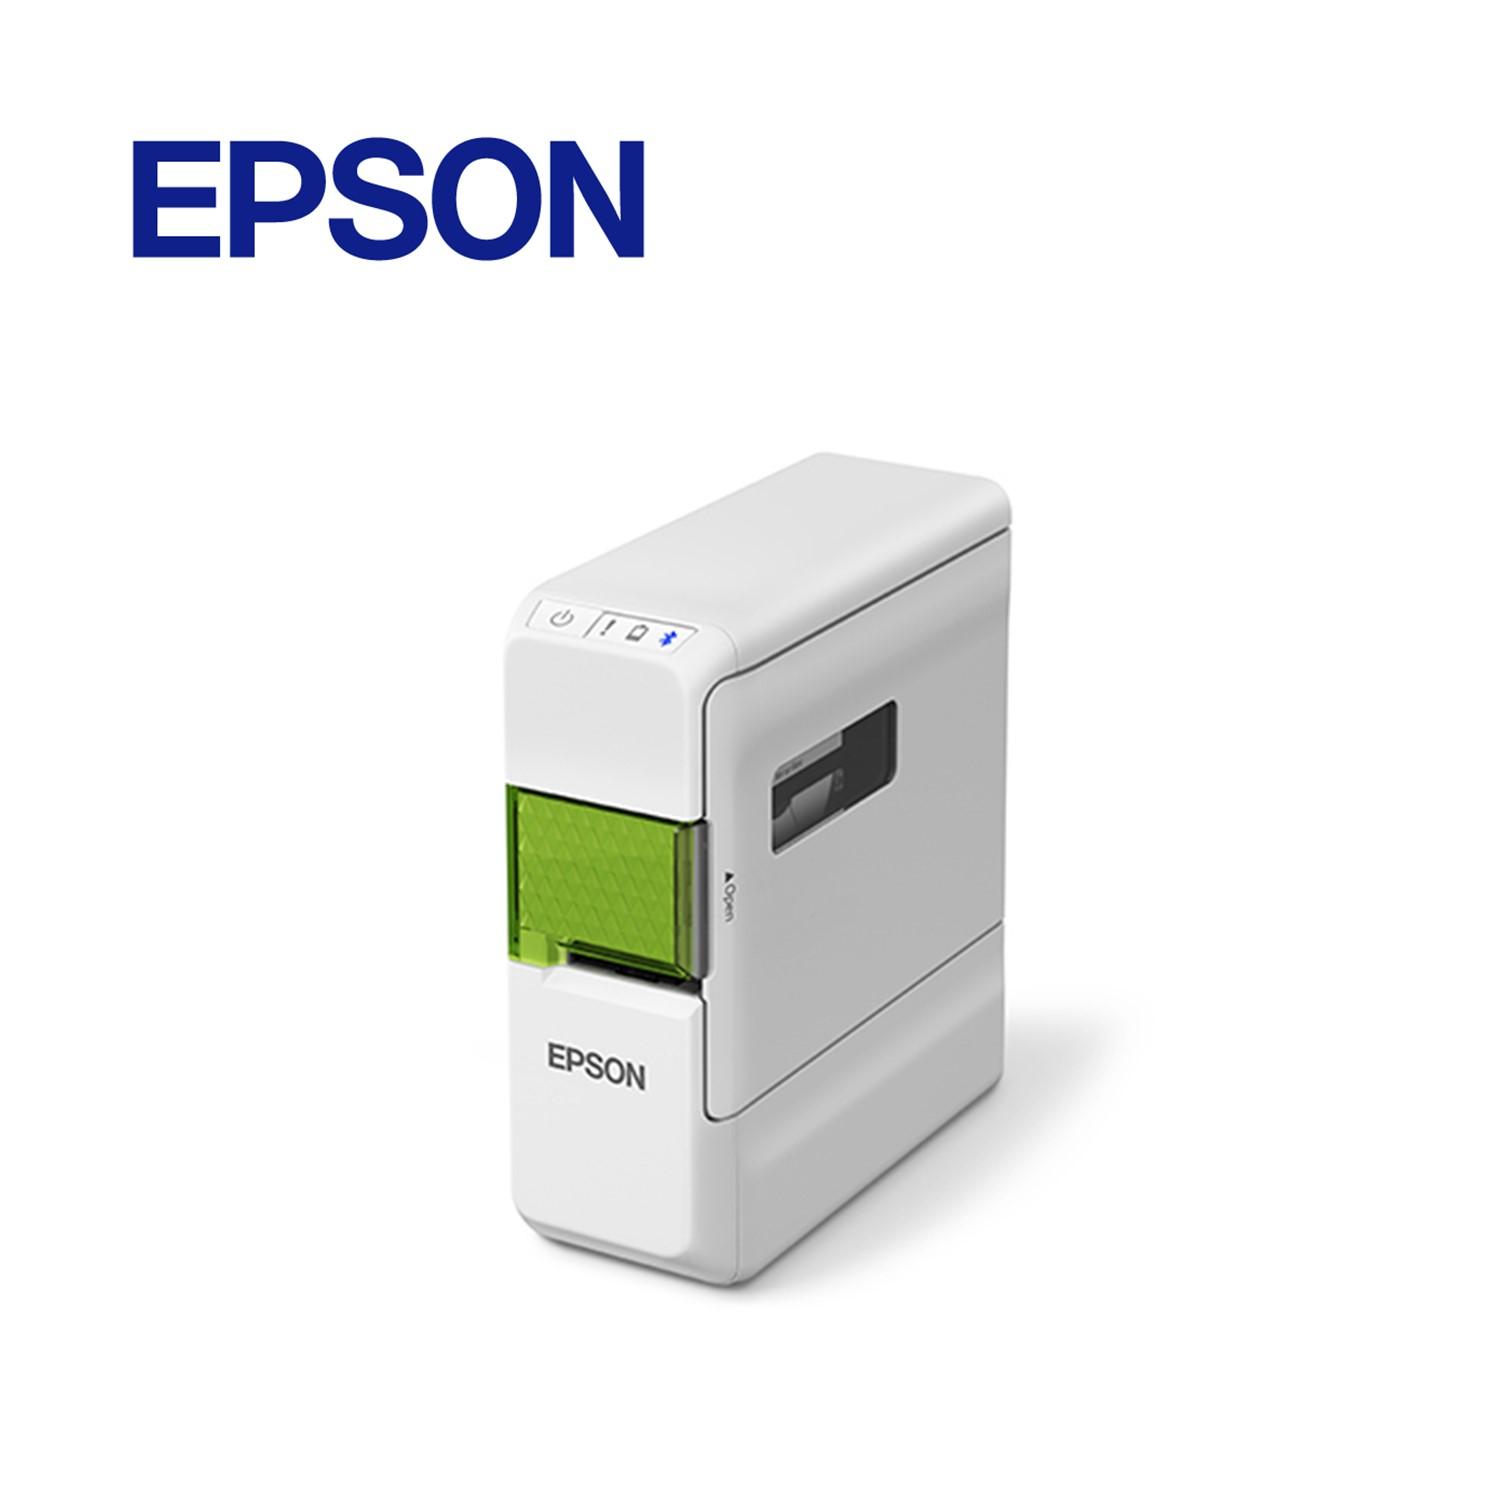 愛普生EPSON LW-C410 文創風藍牙手寫標籤機